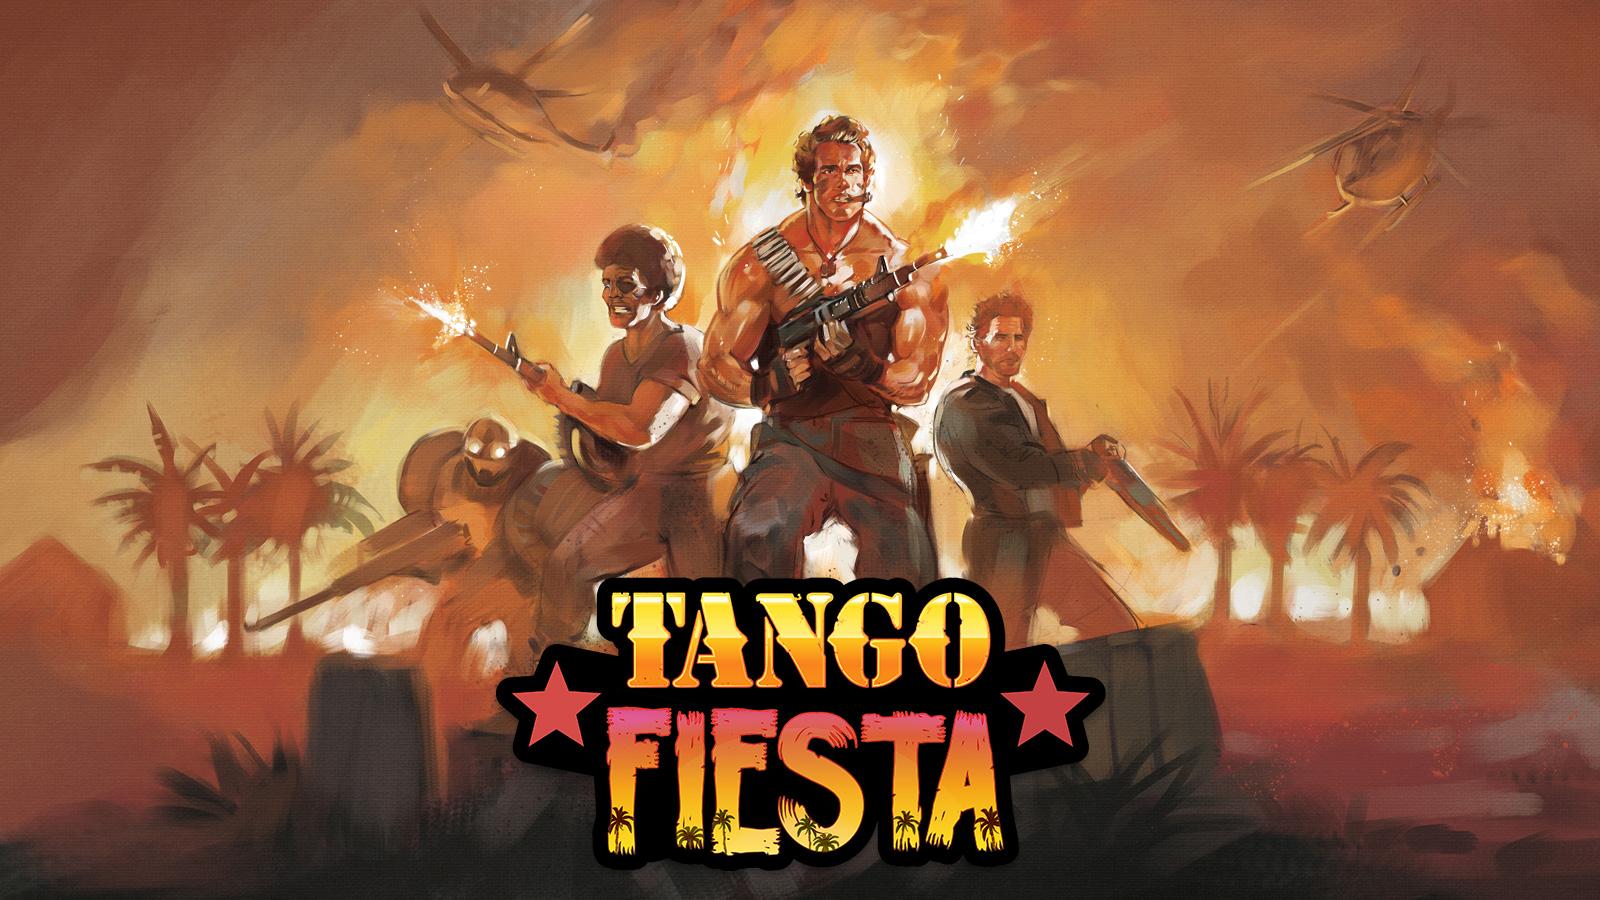 tango_fiesta.jpg